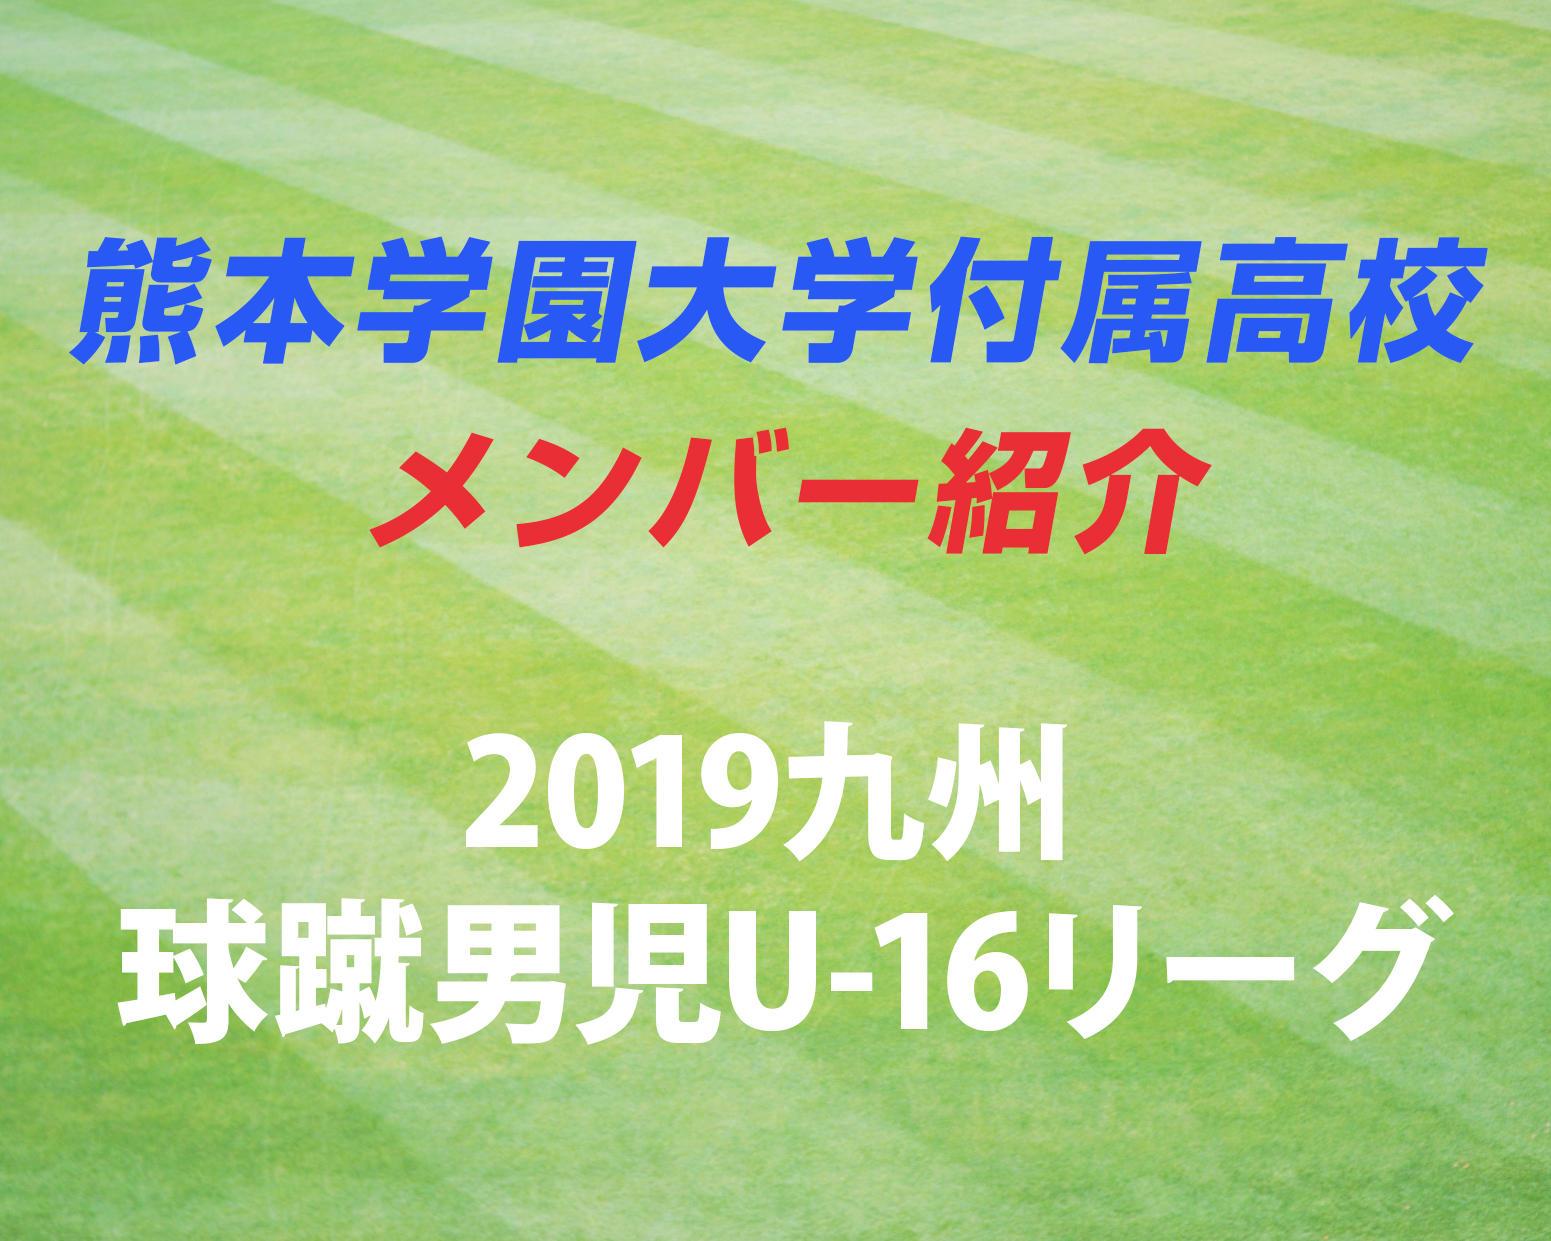 熊本の強豪・熊本学園大学付属高校サッカー部のメンバー紹介!(2019 球蹴男児U-16  D2リーグ)